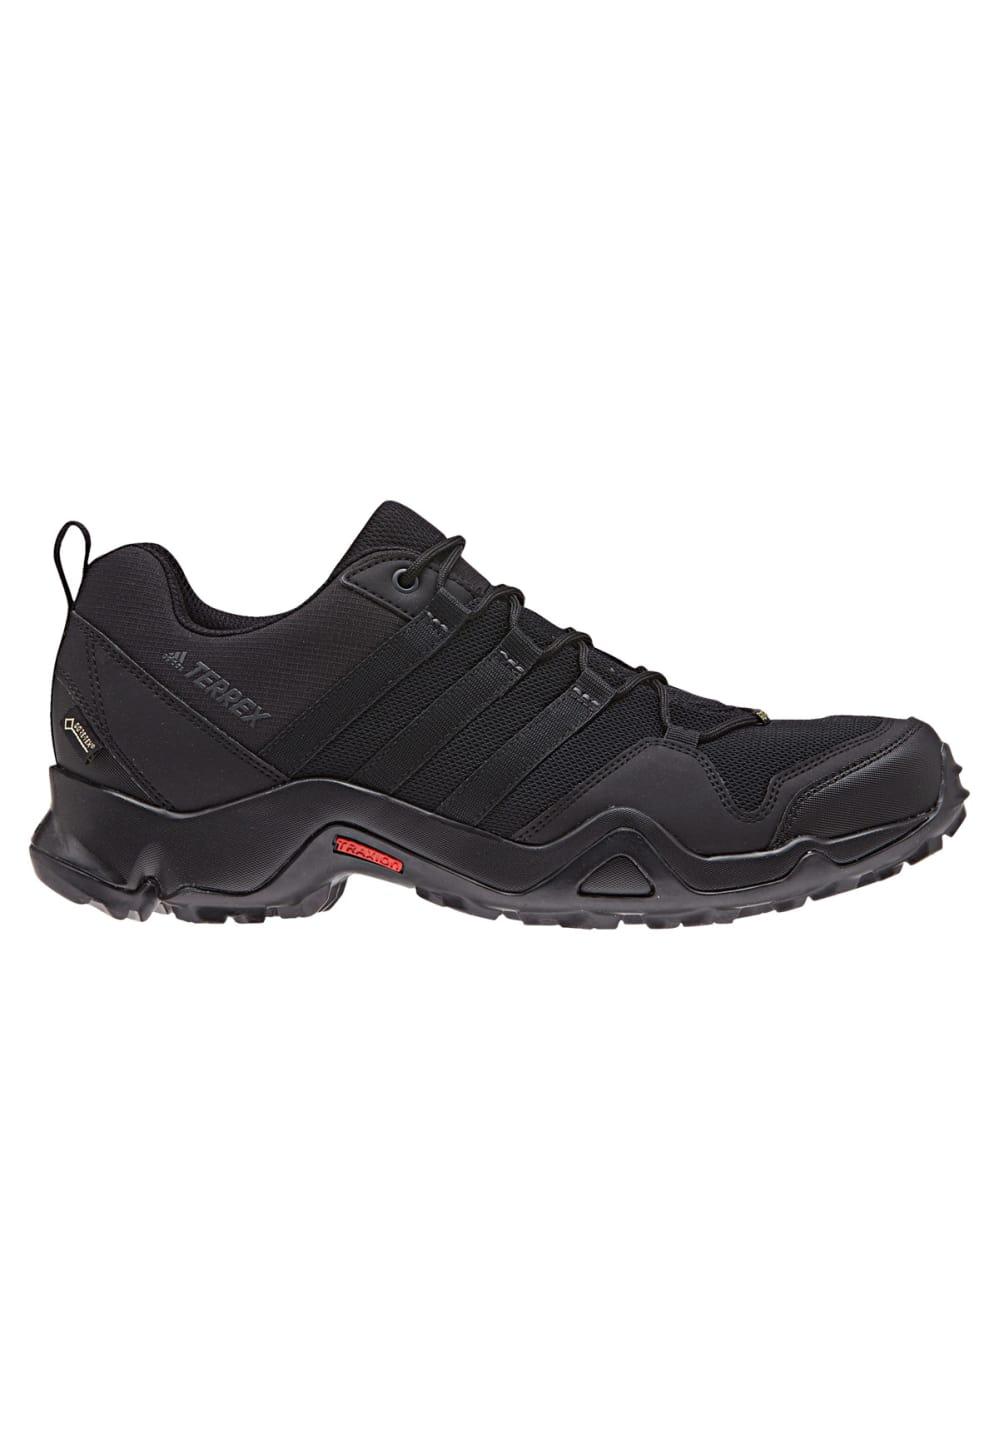 Pour Chaussures Adidas Randonnée Terrex Ax2r Gtx Homme Noir 29HIDWE